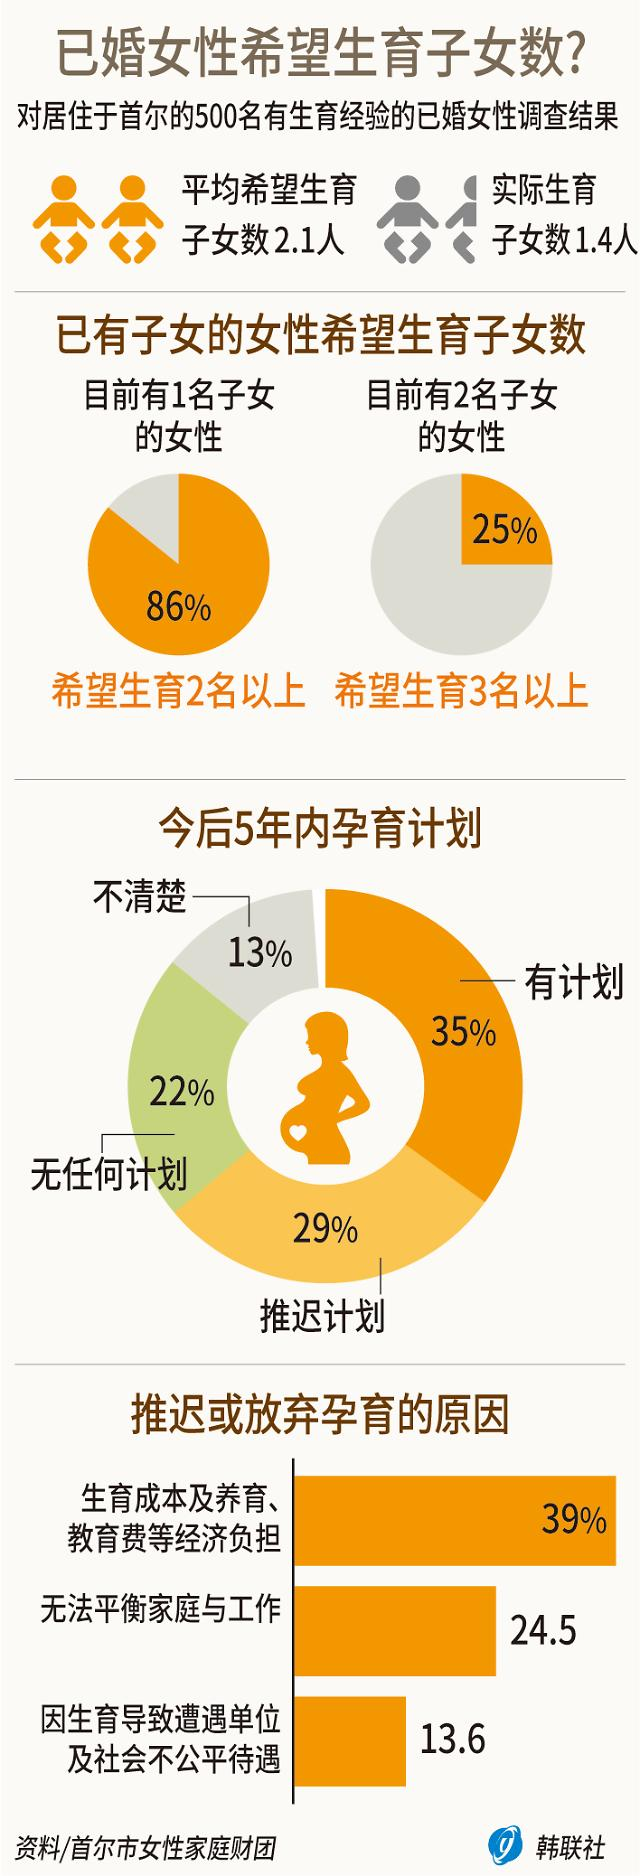 养育负担重不敢生二胎 相关政策亟需完善